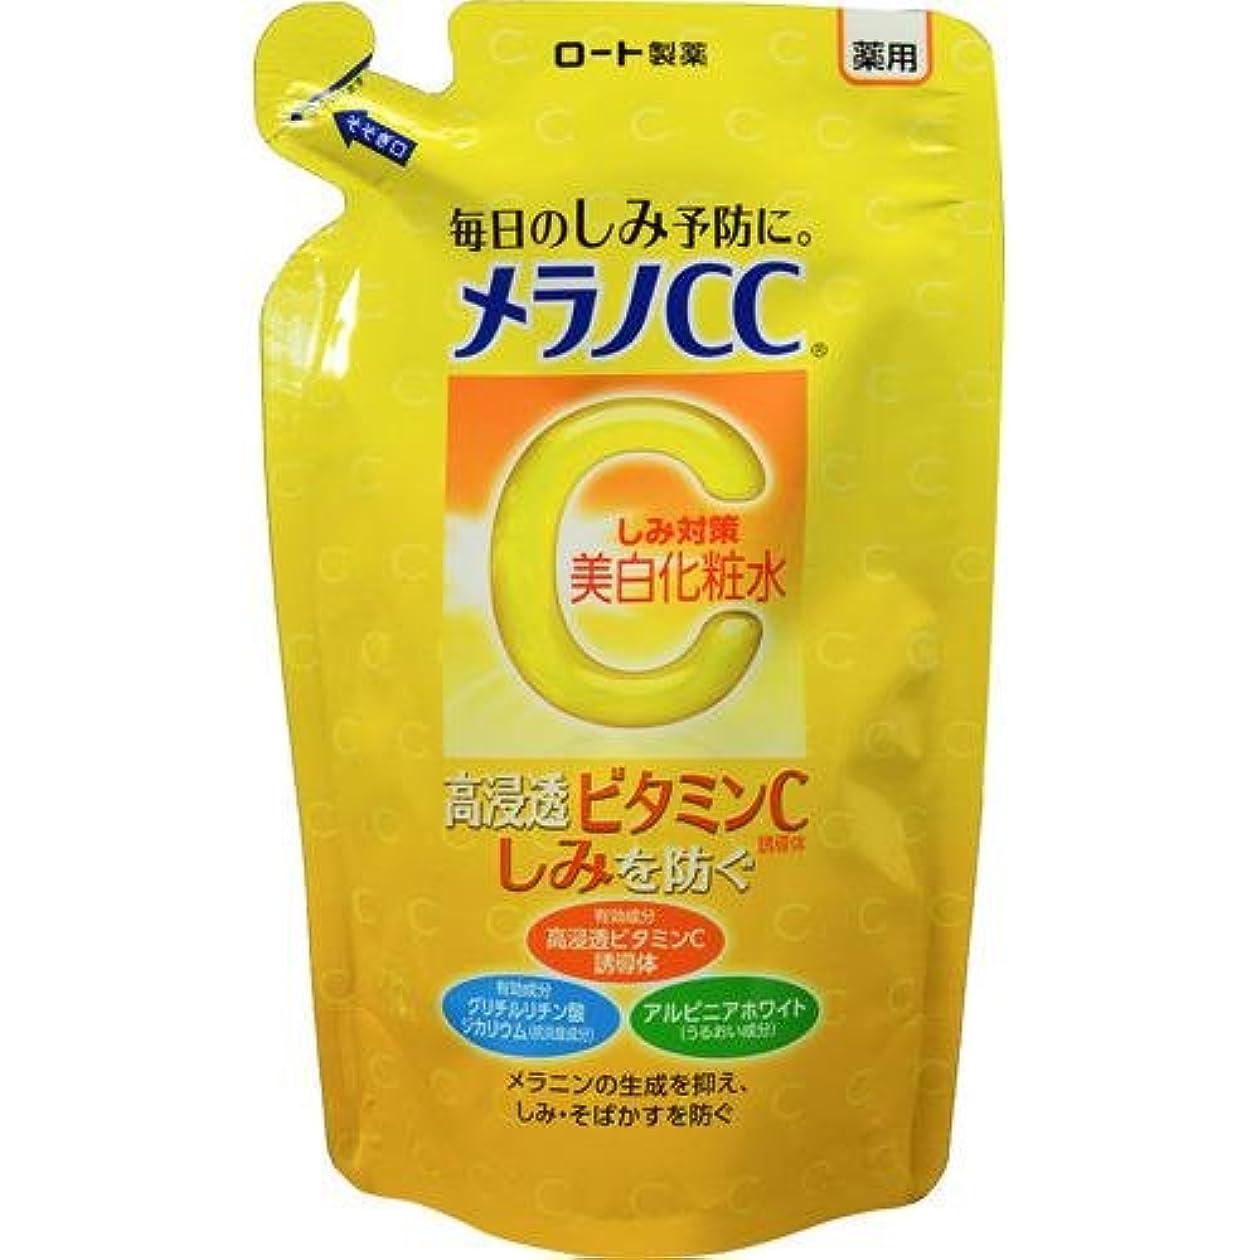 疑わしいキャンペーン銅メラノCC 薬用しみ対策美白化粧水 つめかえ用 × 10個セット